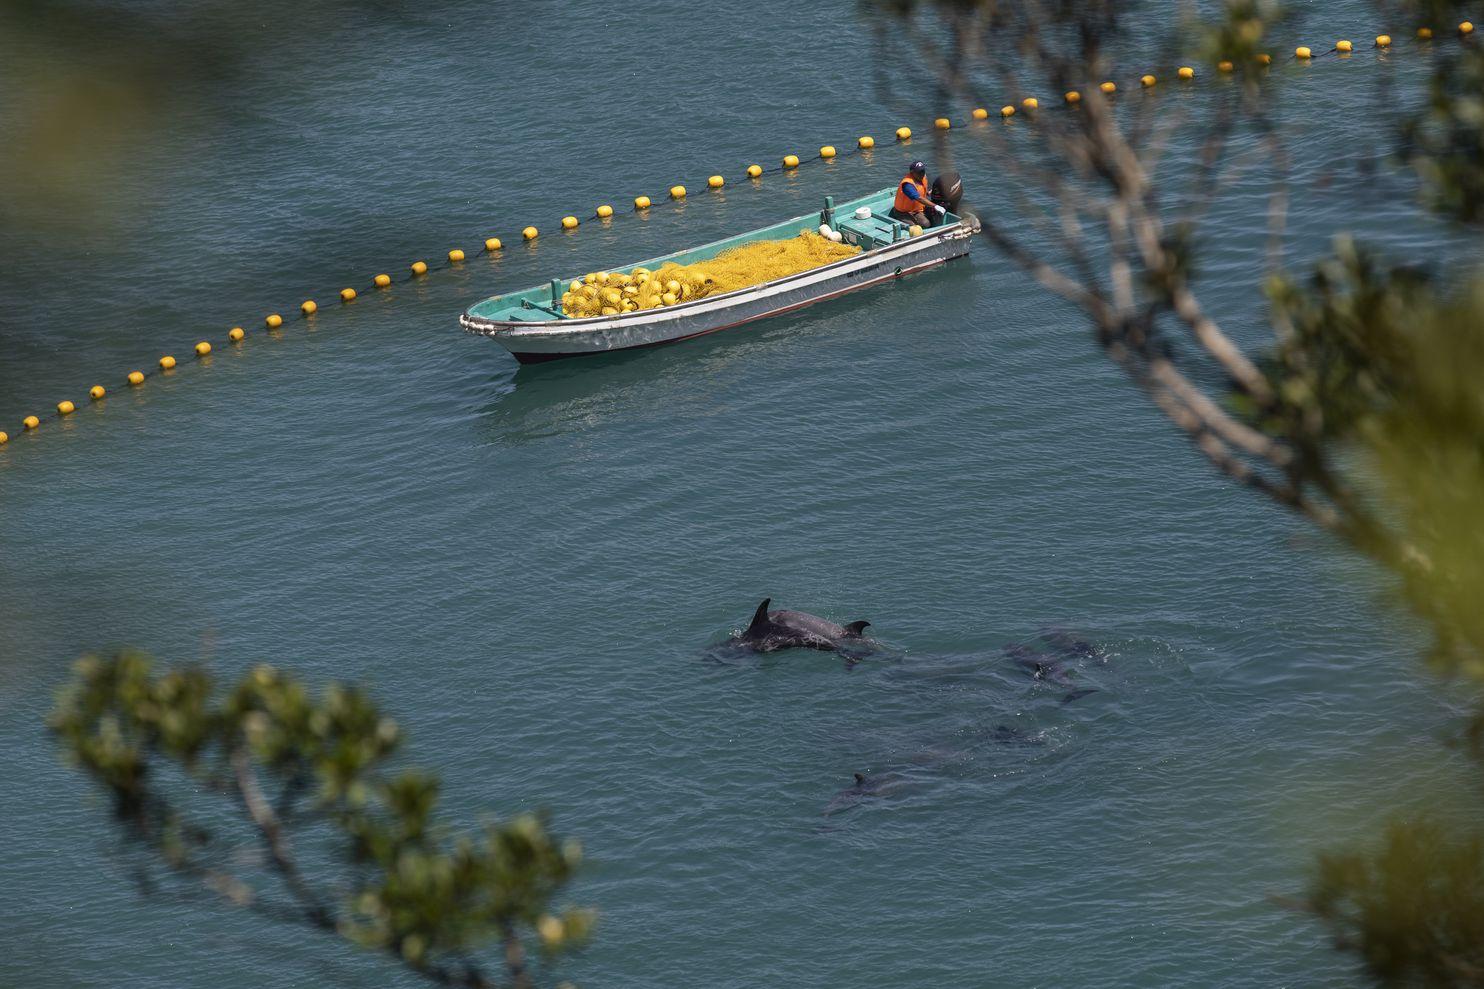 Cá heo Nhật Bản bị bắt hàng loạt để người Trung Quốc mua vui - 1